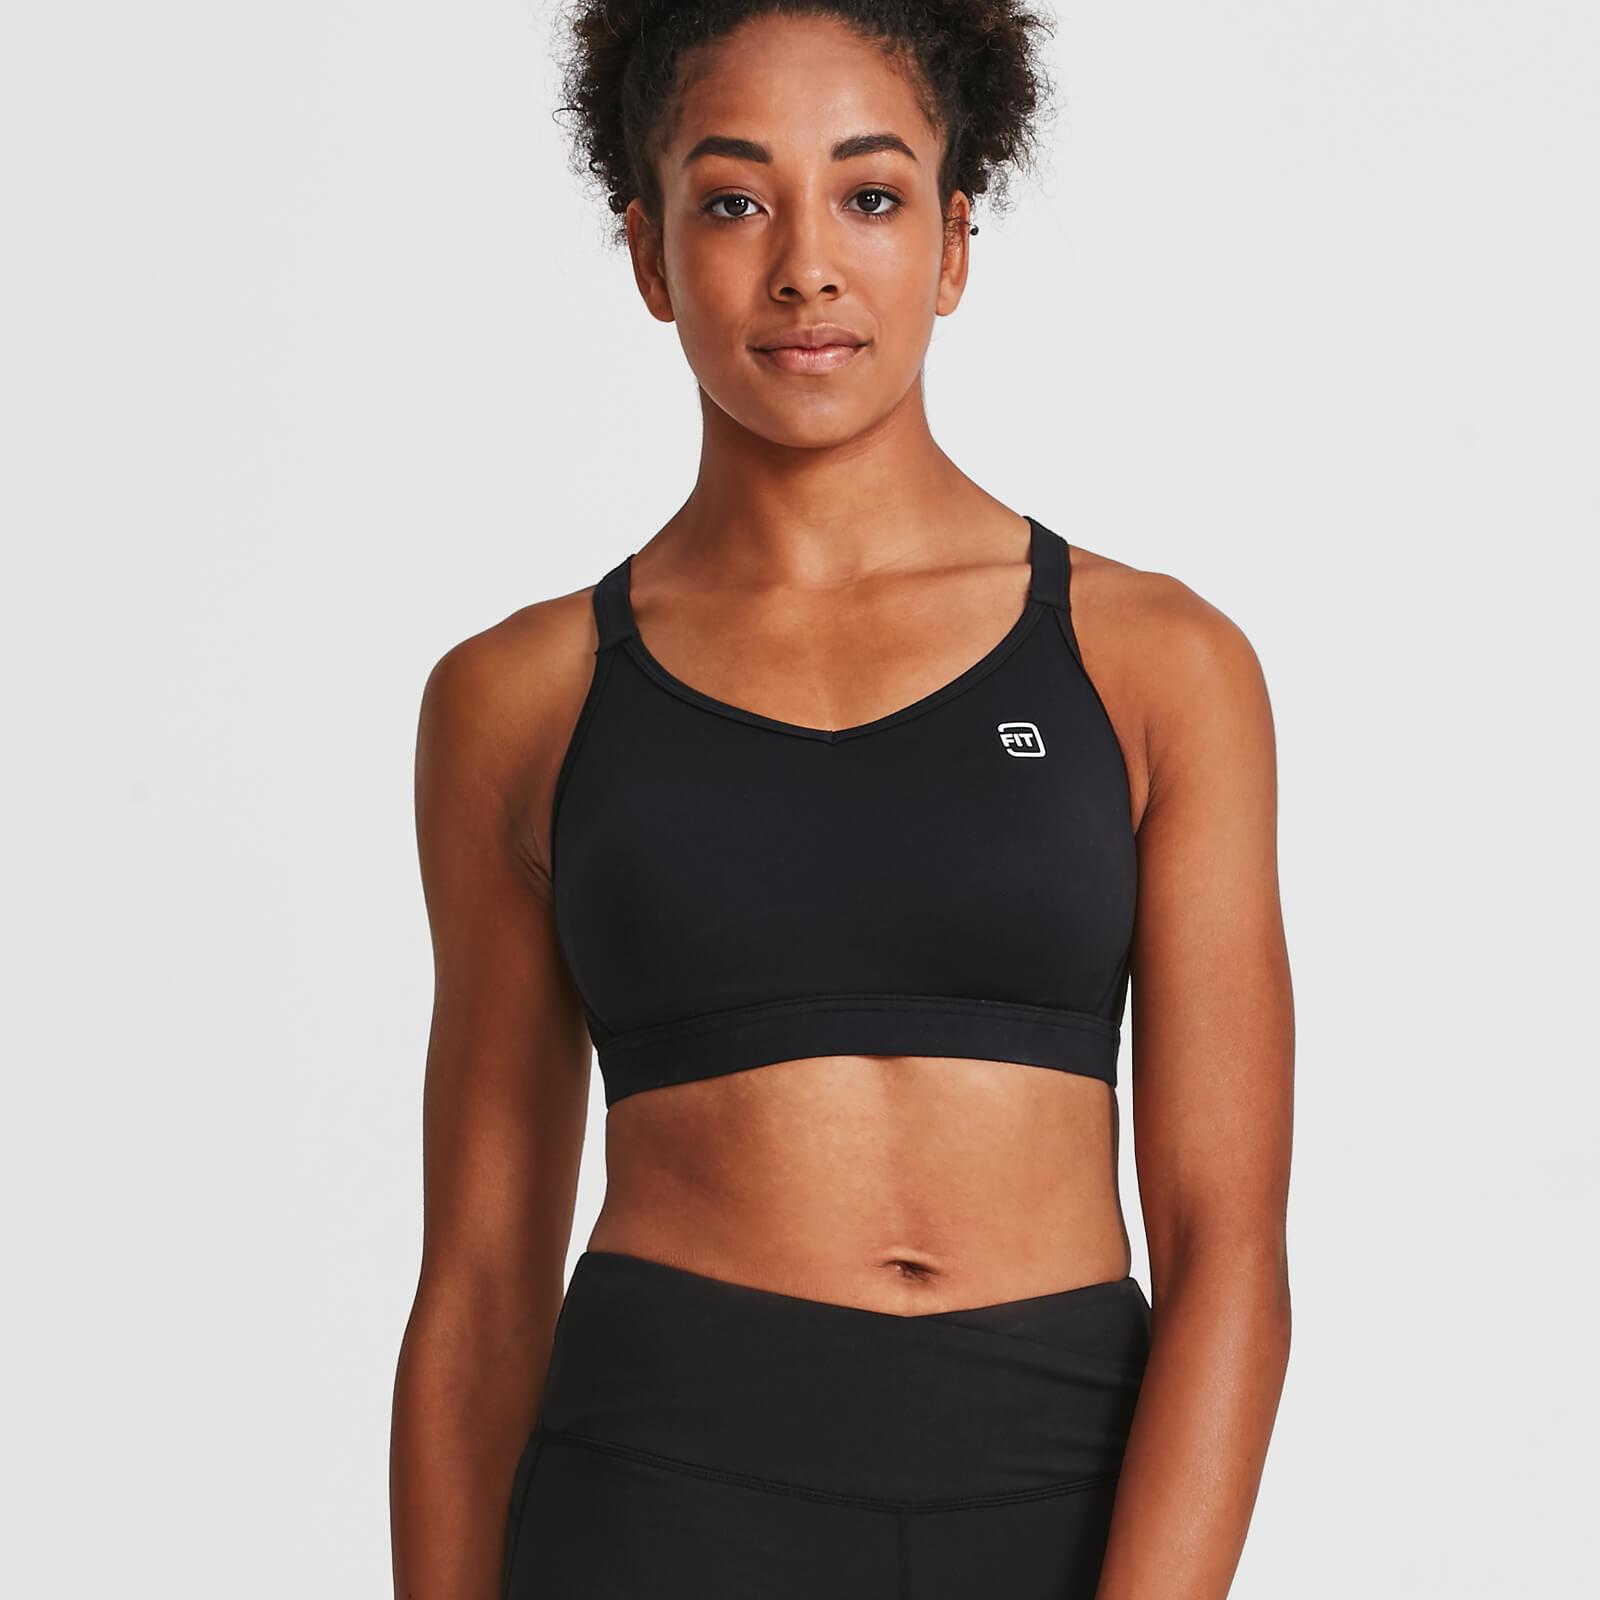 IdealFit Core Sports Bra - Black - M - Black